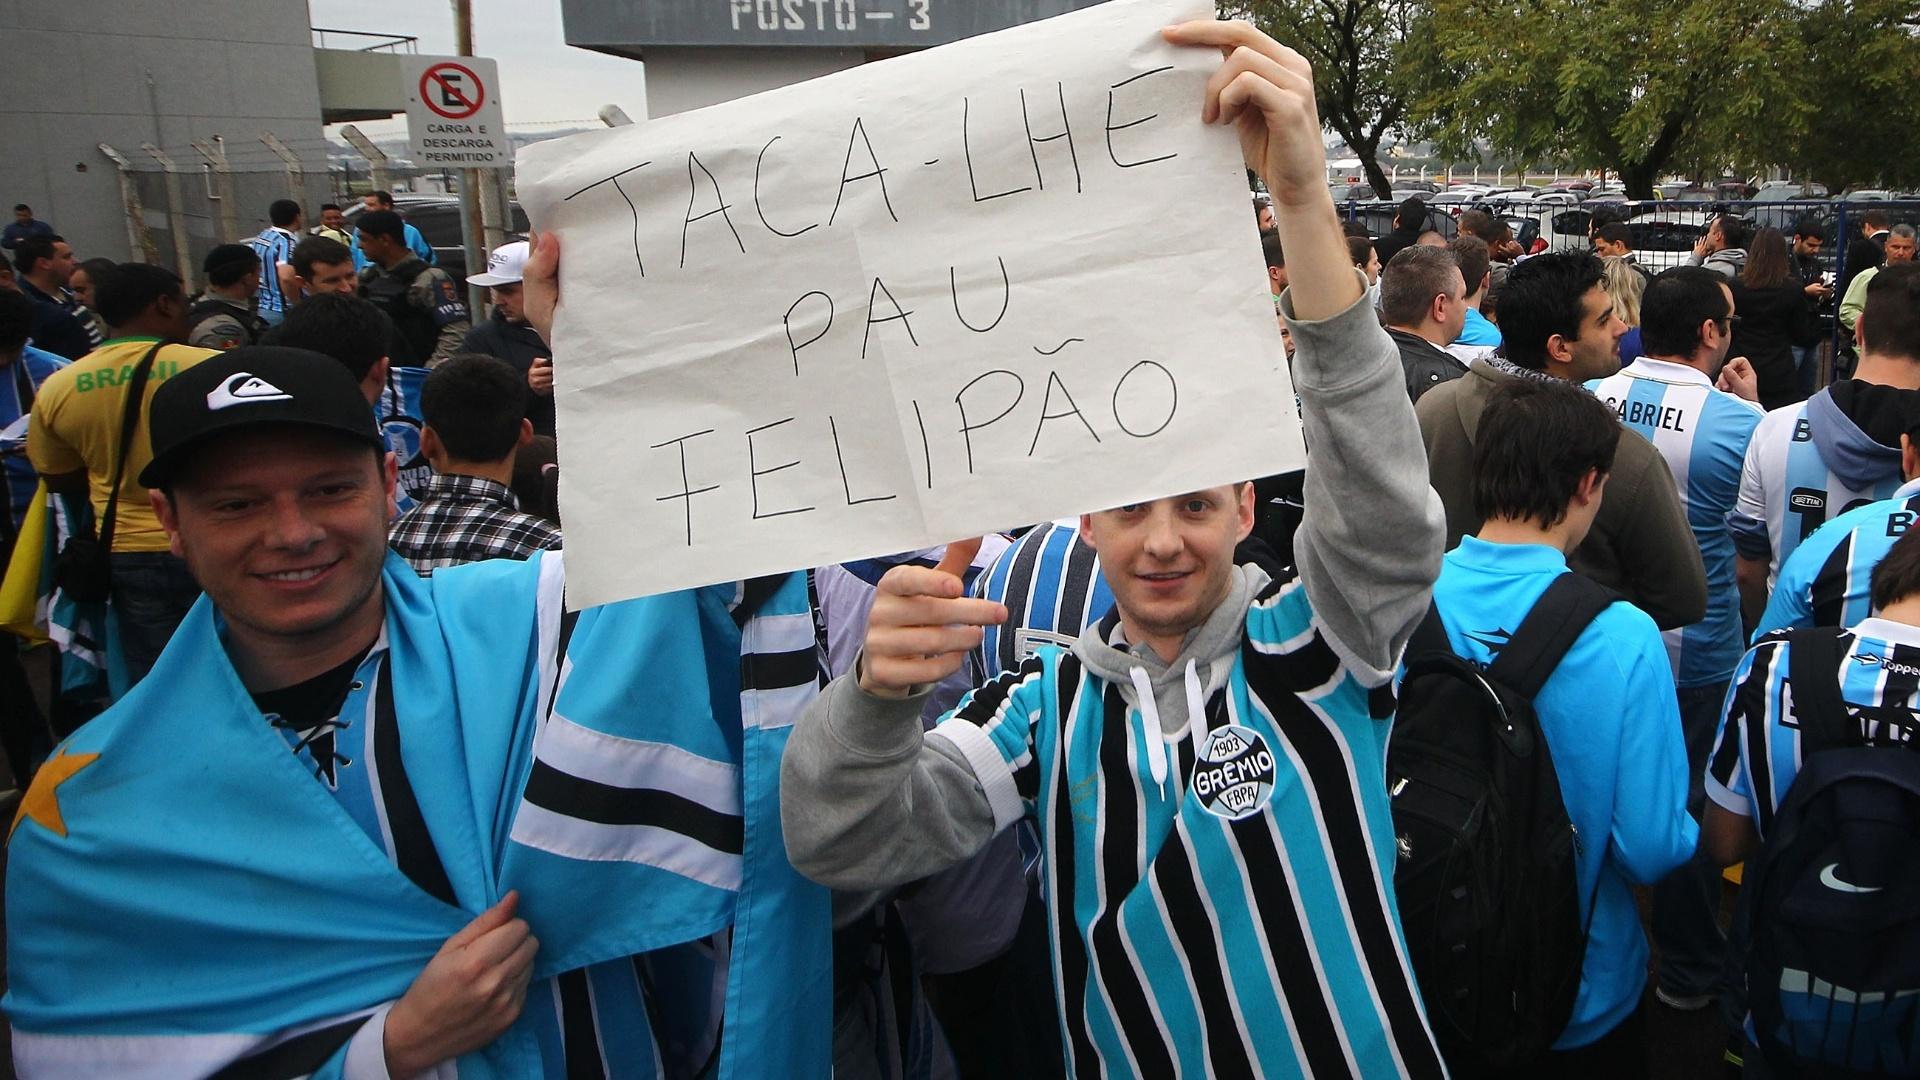 30.07.2014 - Torcedores mandam recado desejando sorte para Felipão, novo técnico do Grêmio